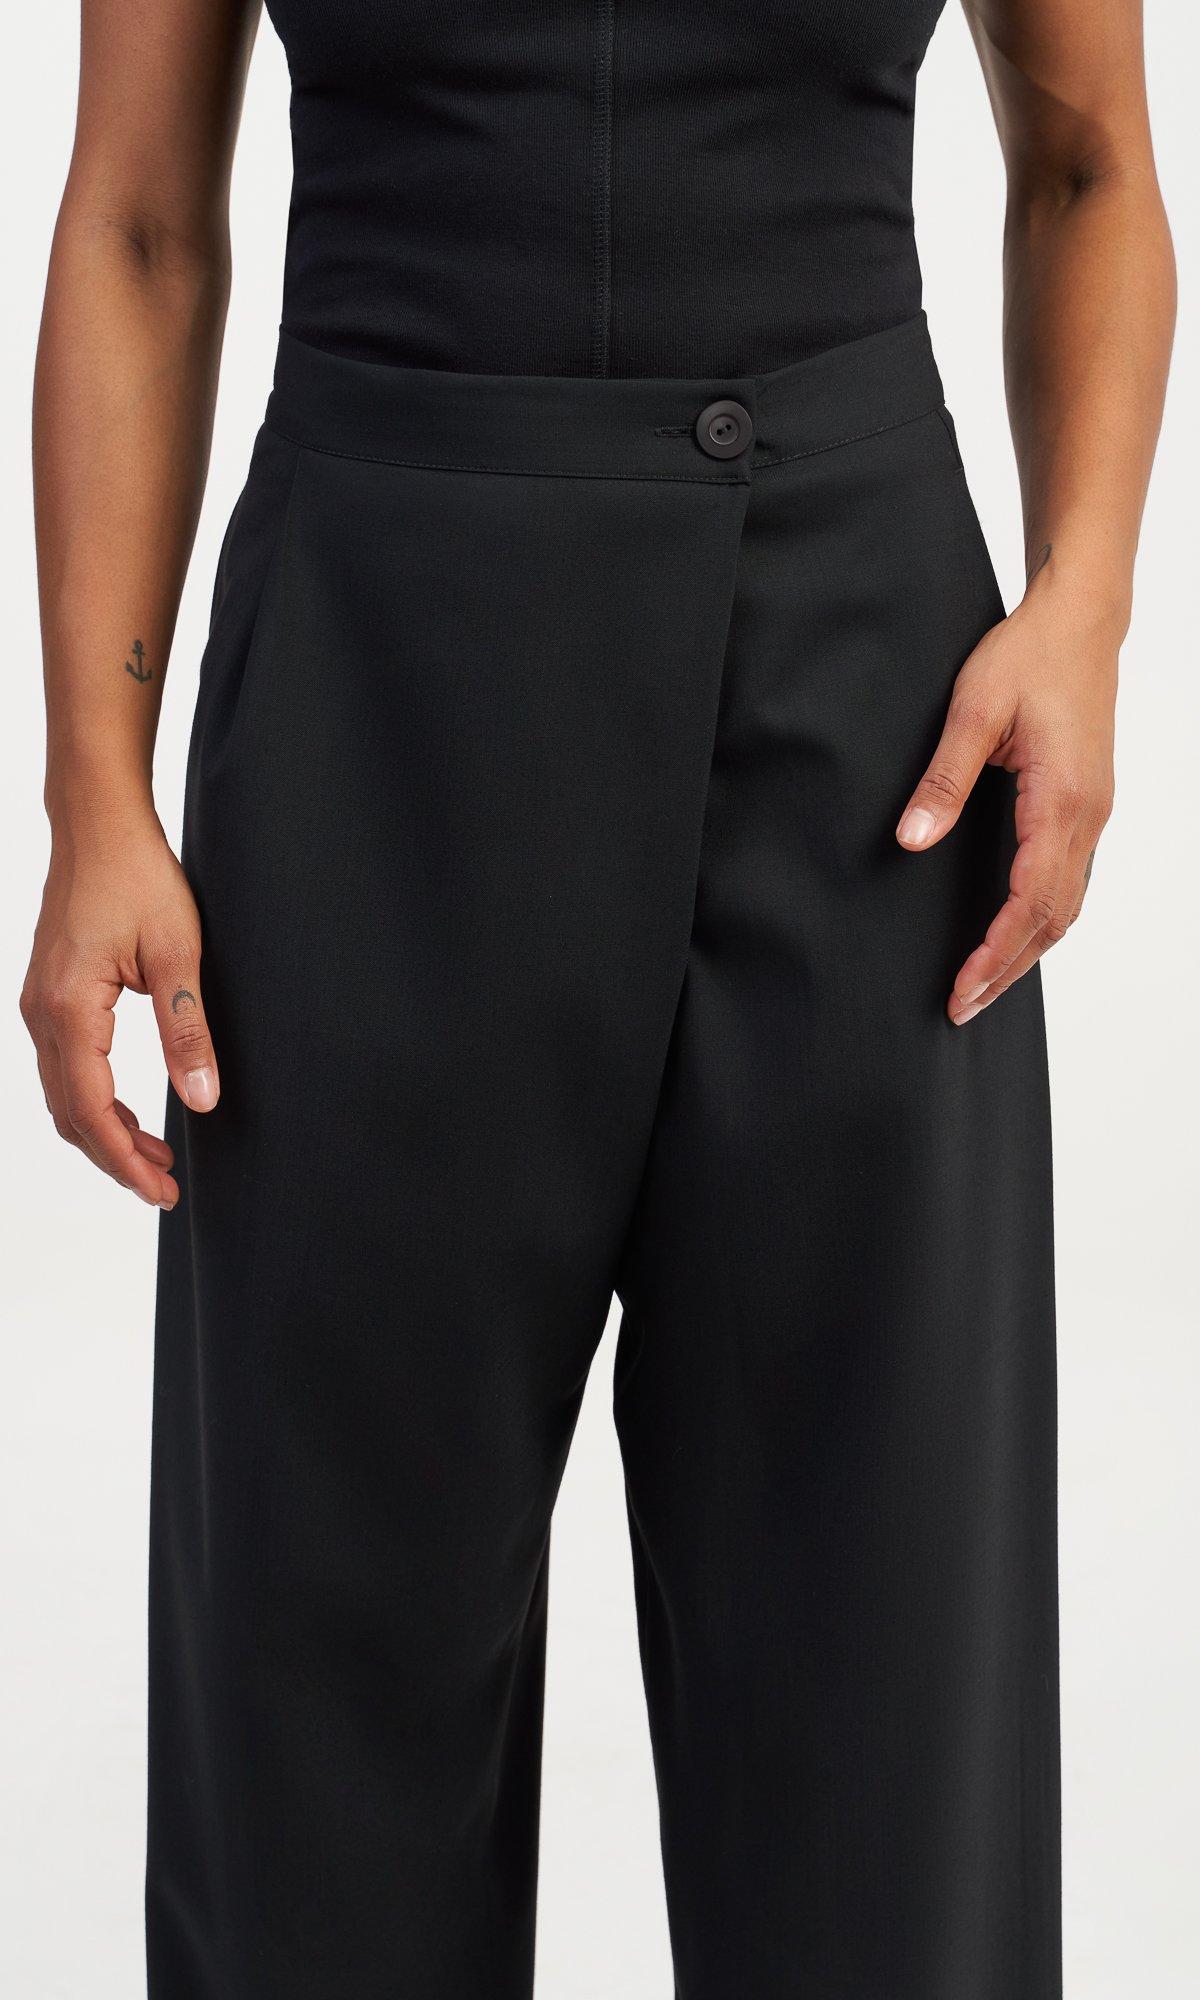 Overlapping High Waist Crop Pants